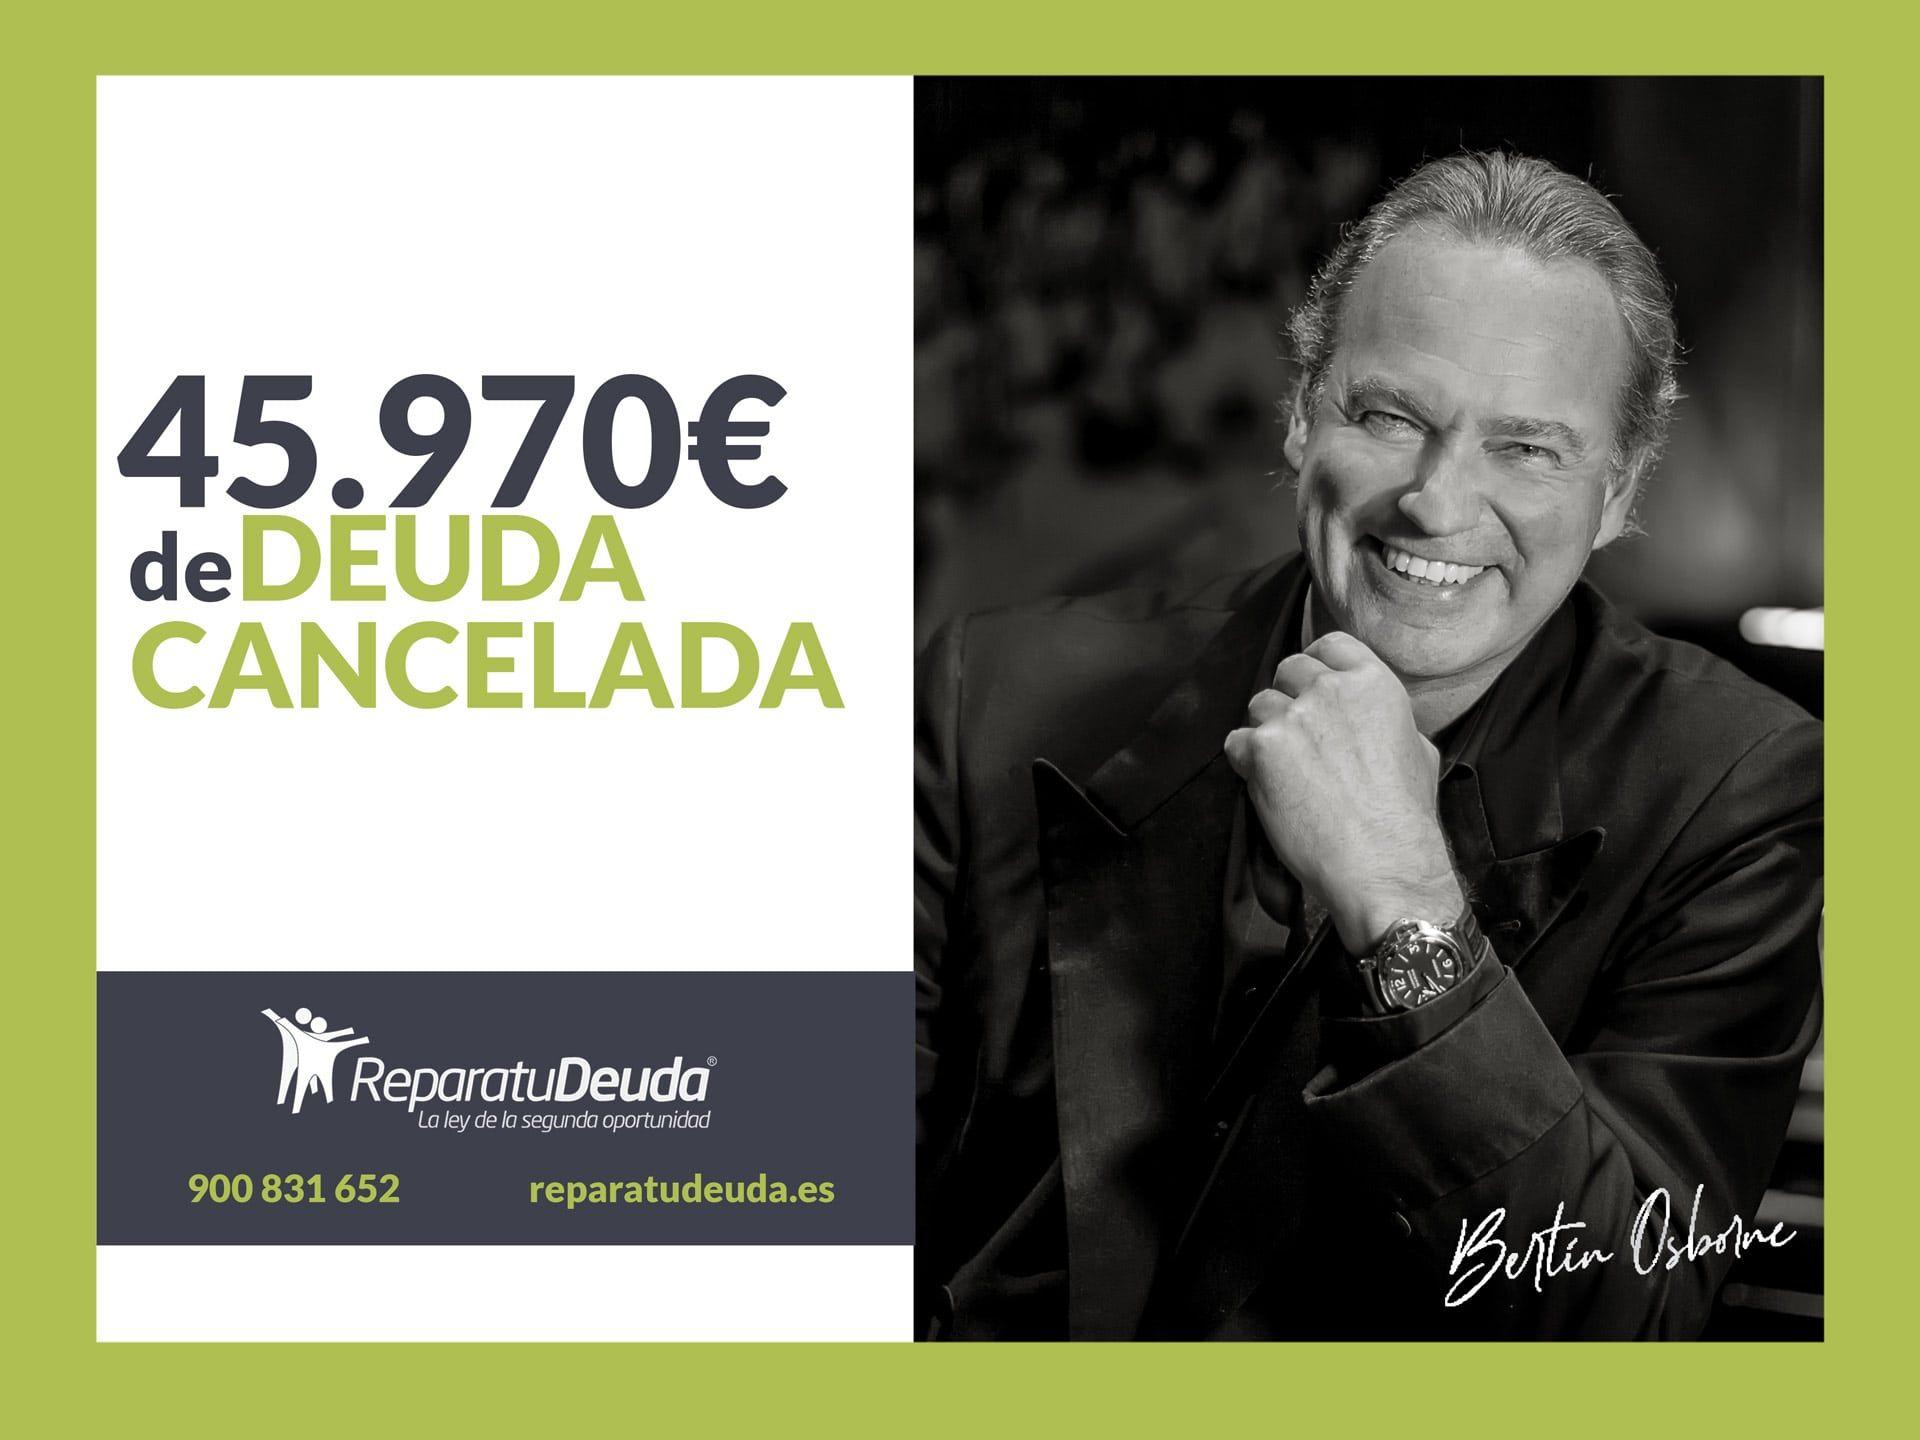 Repara tu Deuda Abogados cancela 45.970€ en Salamanca con la Ley de la Segunda Oportunidad